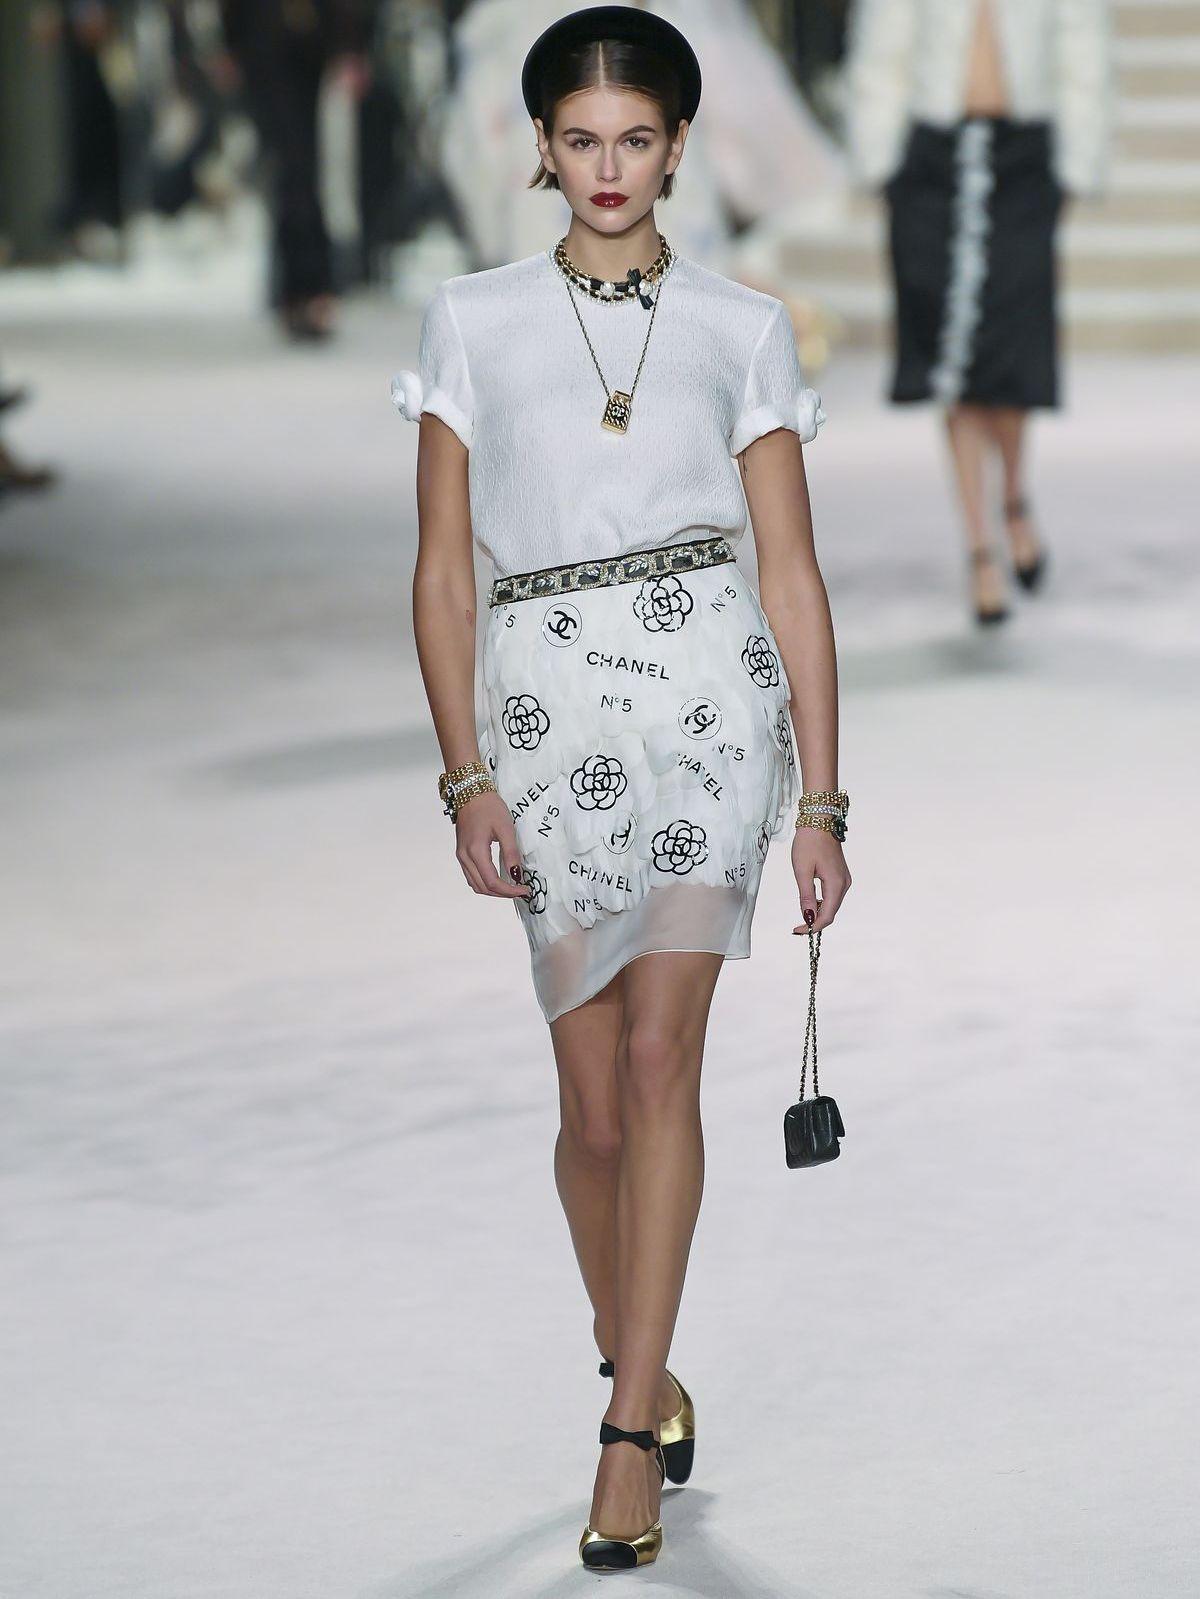 Modefotos online kaufen (ddp images)